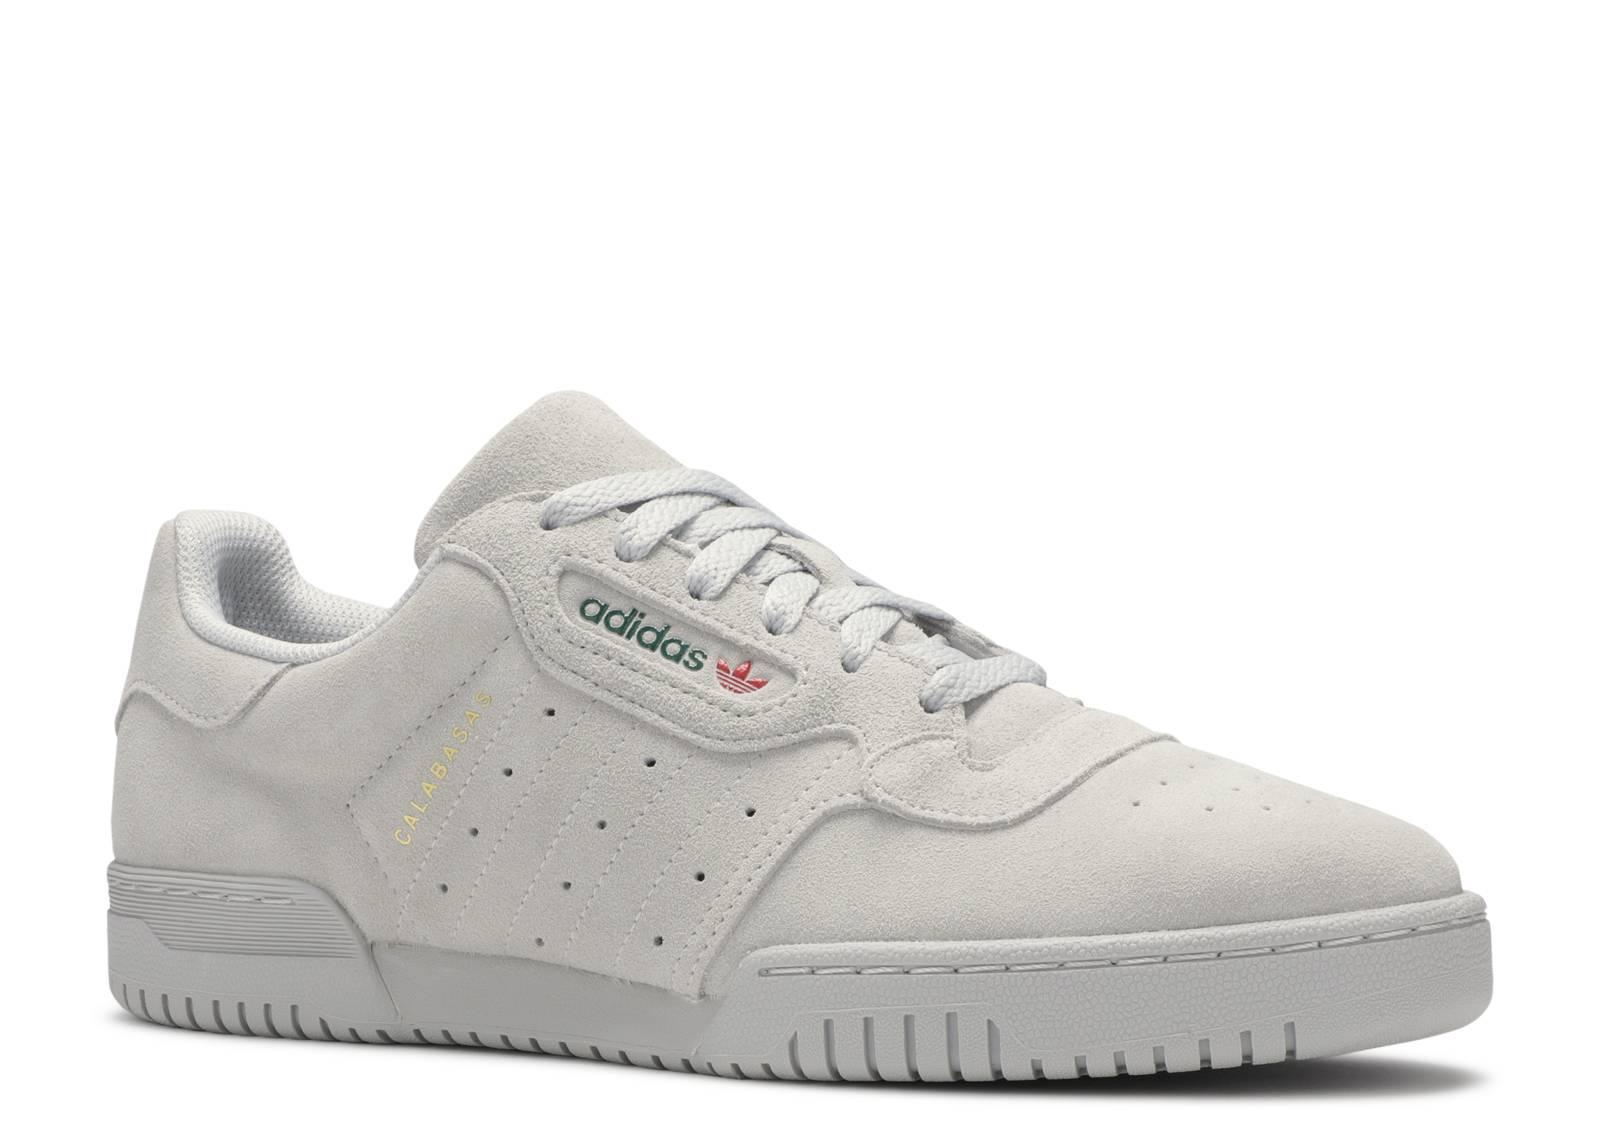 adidas yeezy powerphase grey